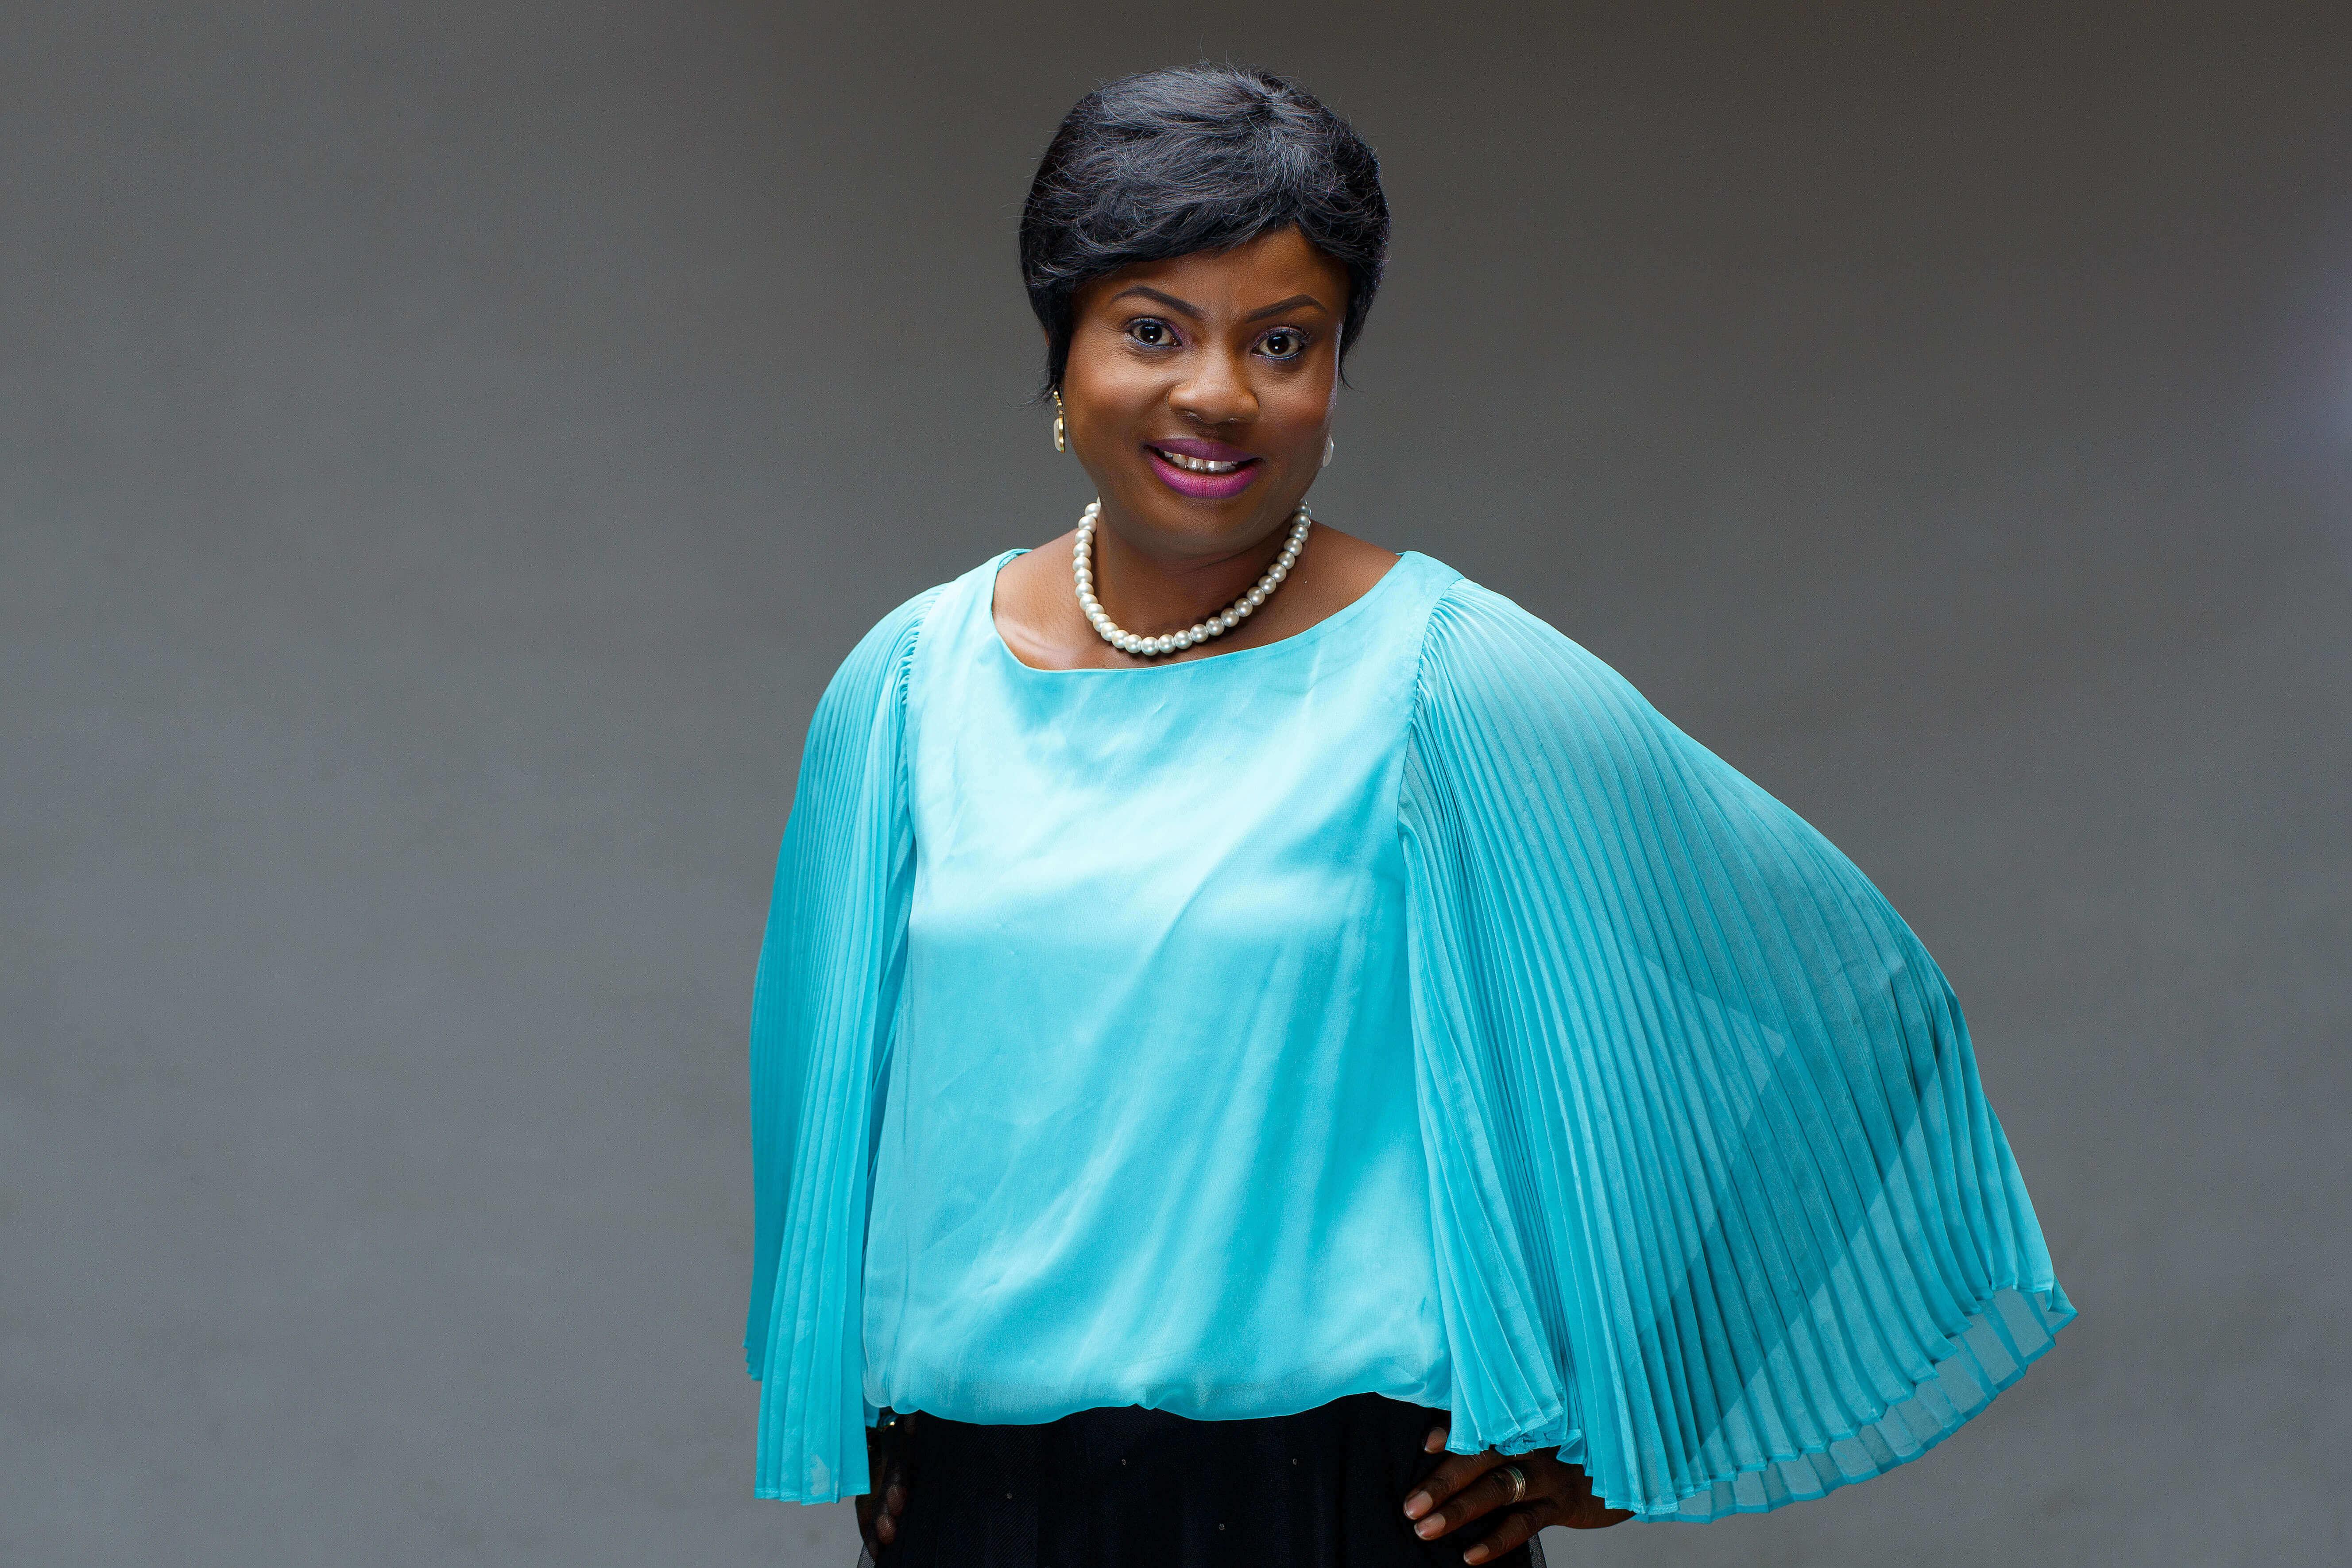 Uloma Nkemakolam, CEO, Pearl Auxano Ltd